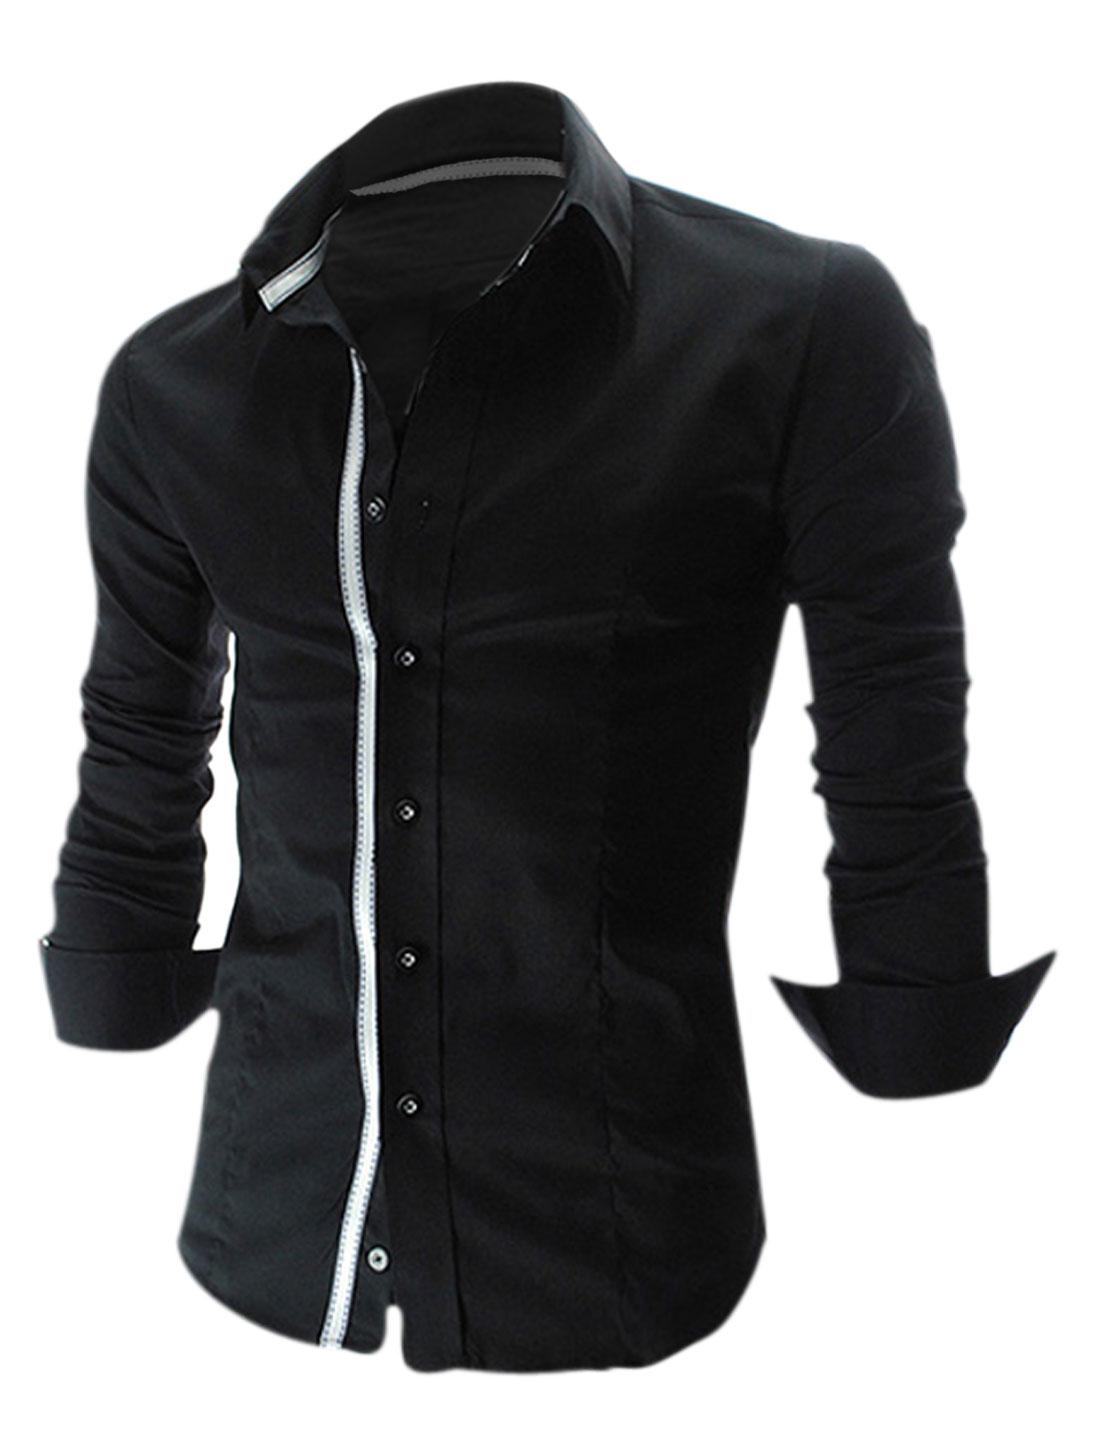 Men Button Up Long Sleeve Shirt Black M